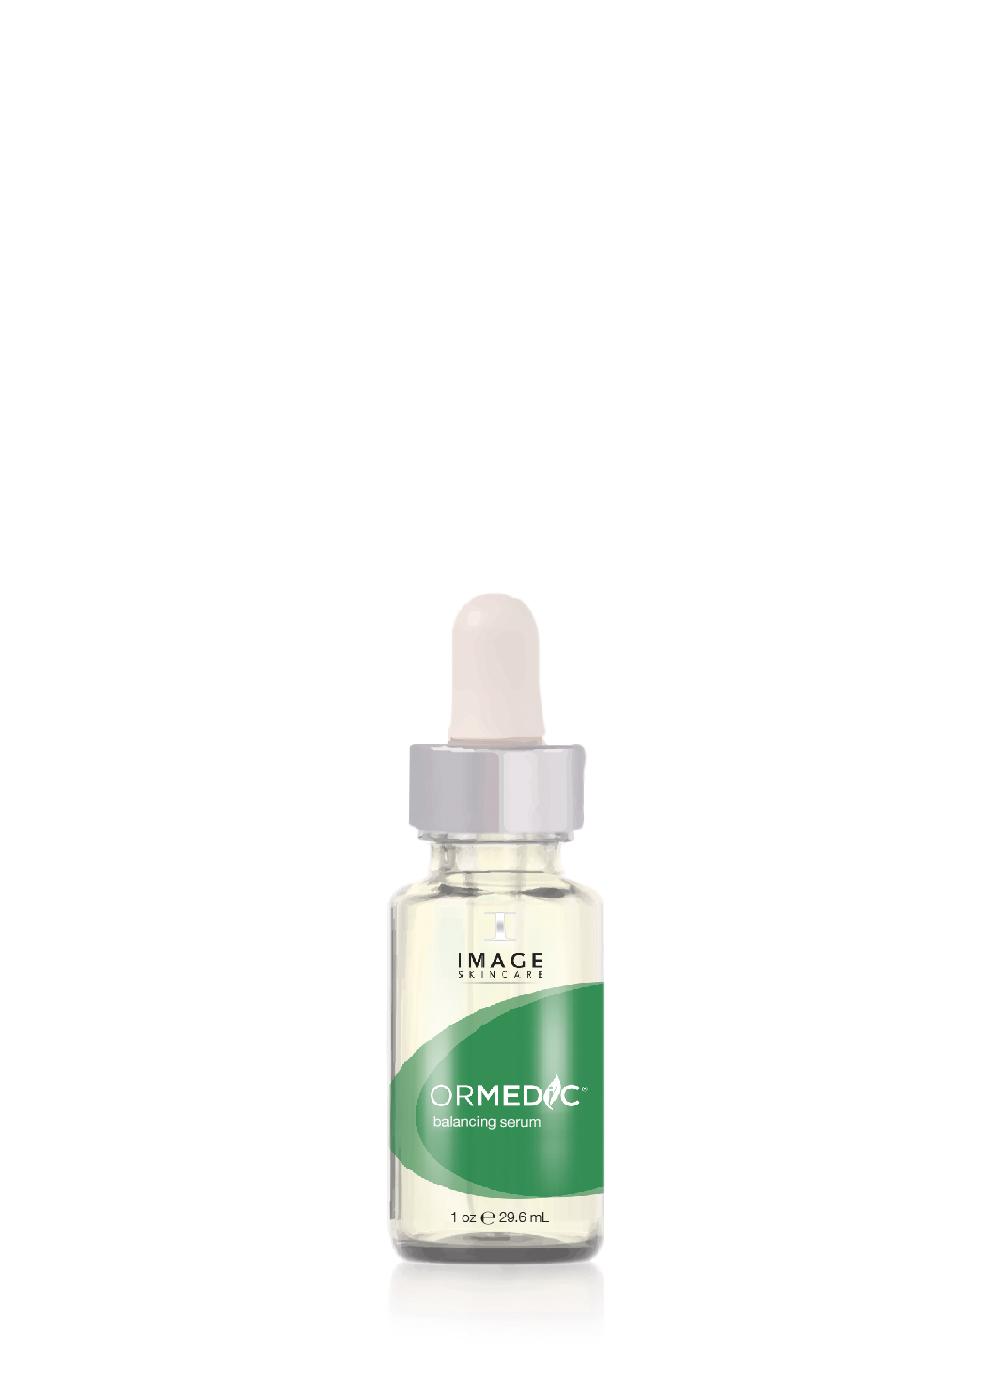 ORMEDIC    balancing serum sérum équilibrant